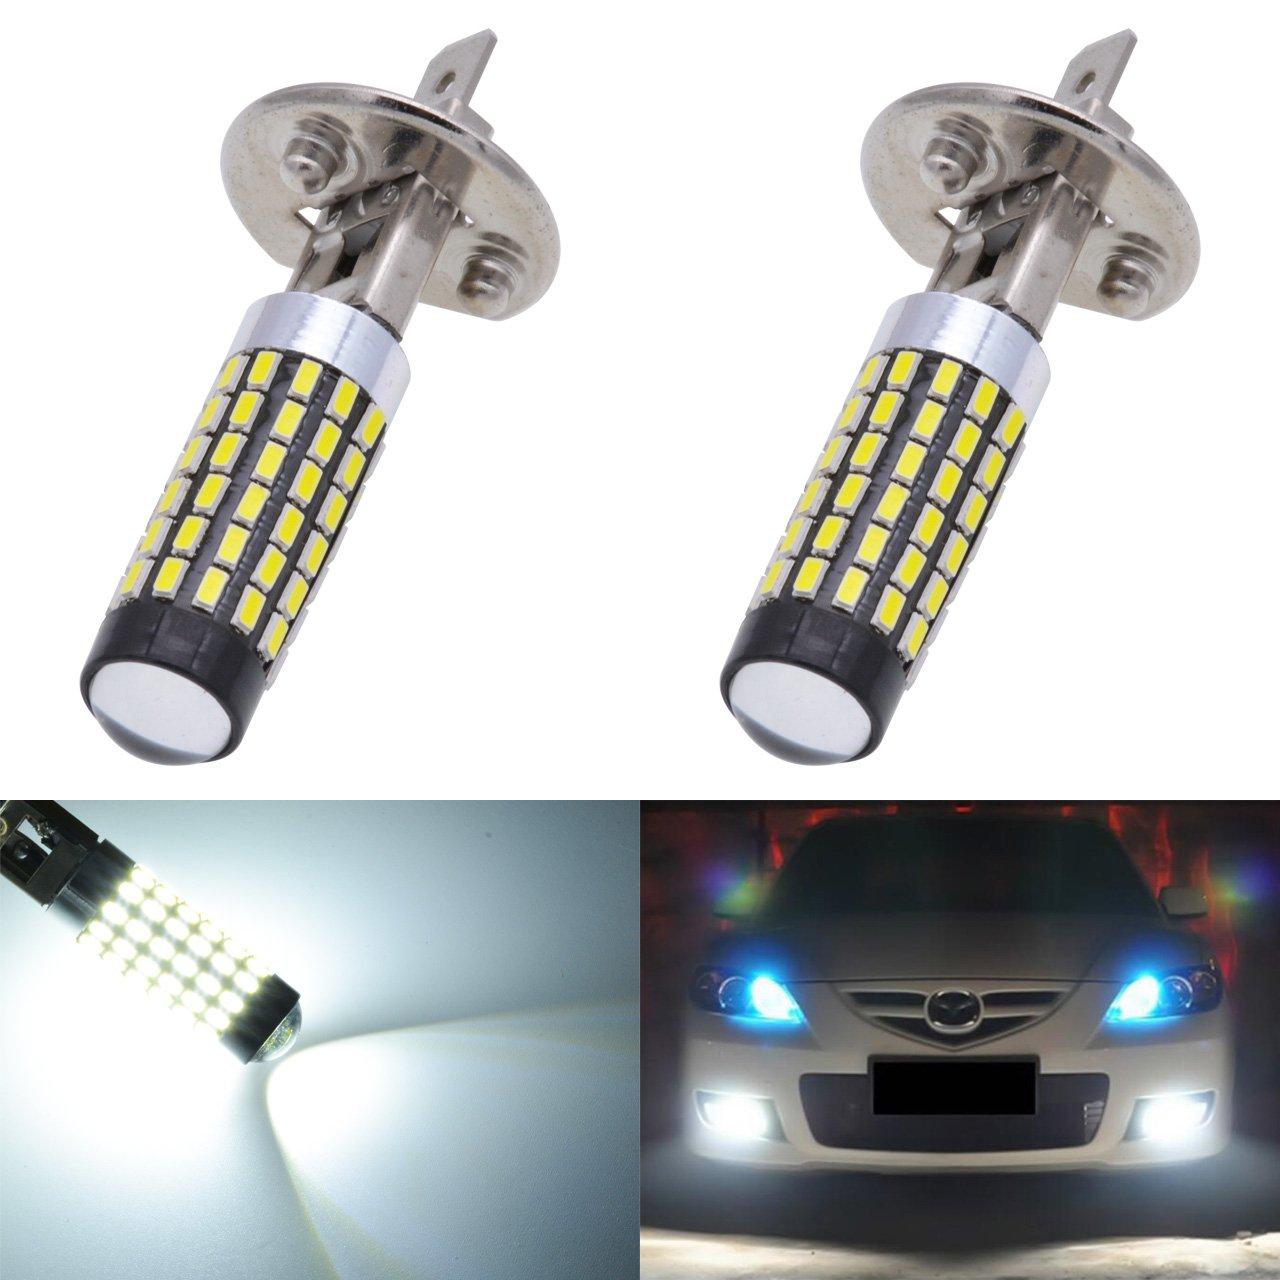 KaTur 2pcs 900 Lumens H1 Base Super Bright 3014 78SMD Lens LED Bulbs Car Driving Daytime Running Lights Xenon White 6000K DC 12V-24V